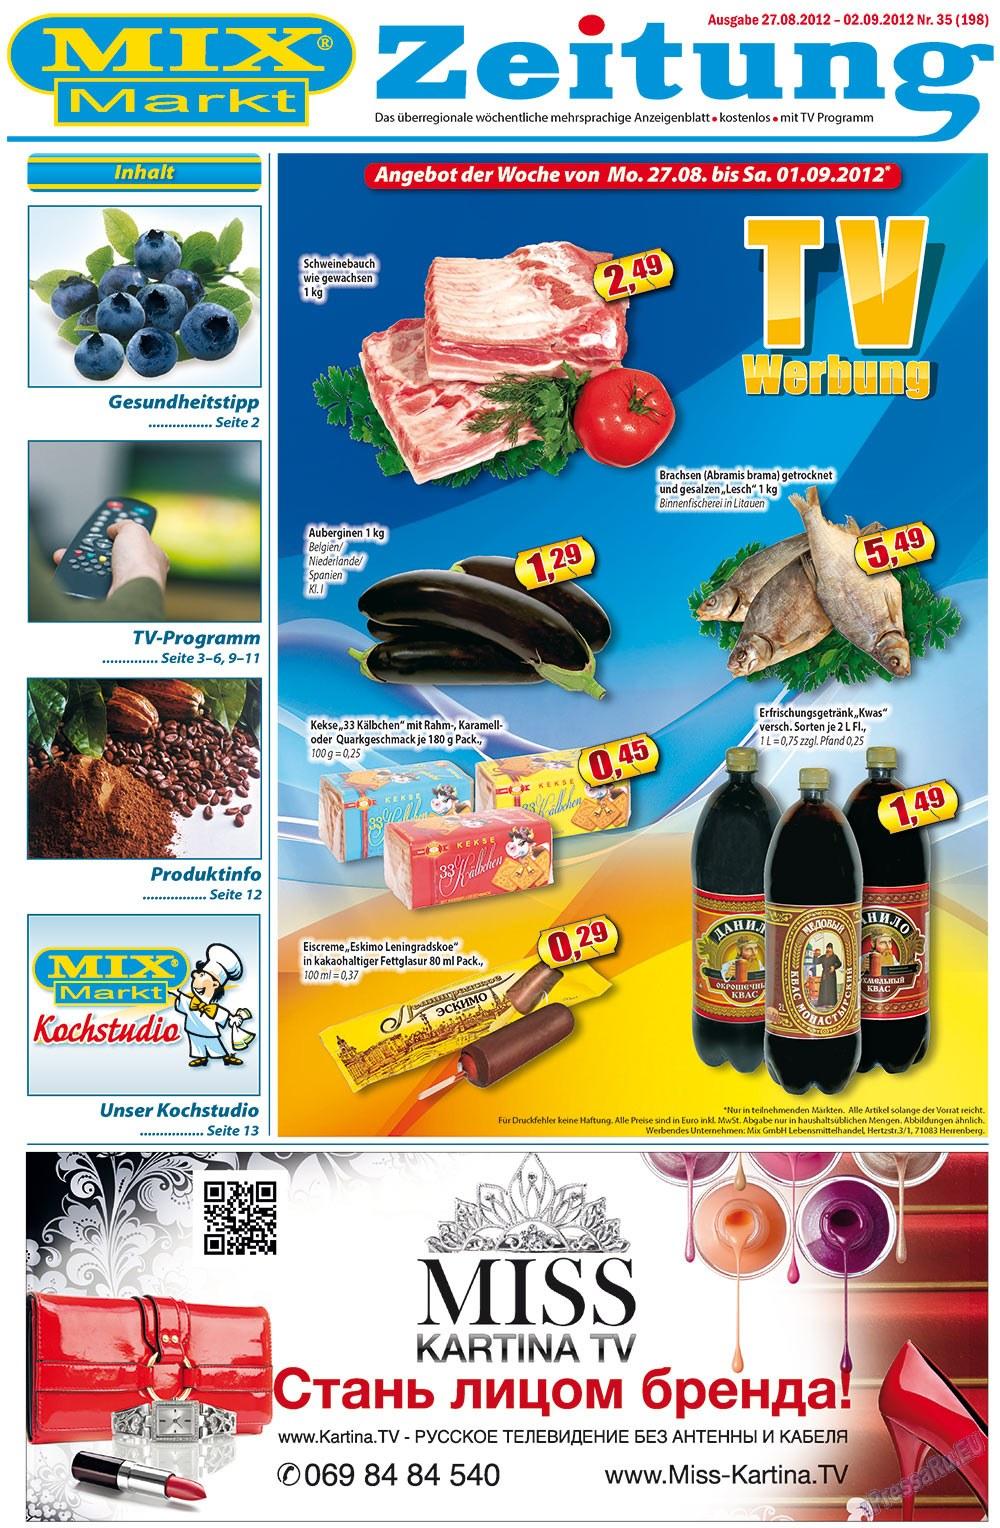 MIX-Markt Zeitung (газета). 2012 год, номер 35, стр. 1